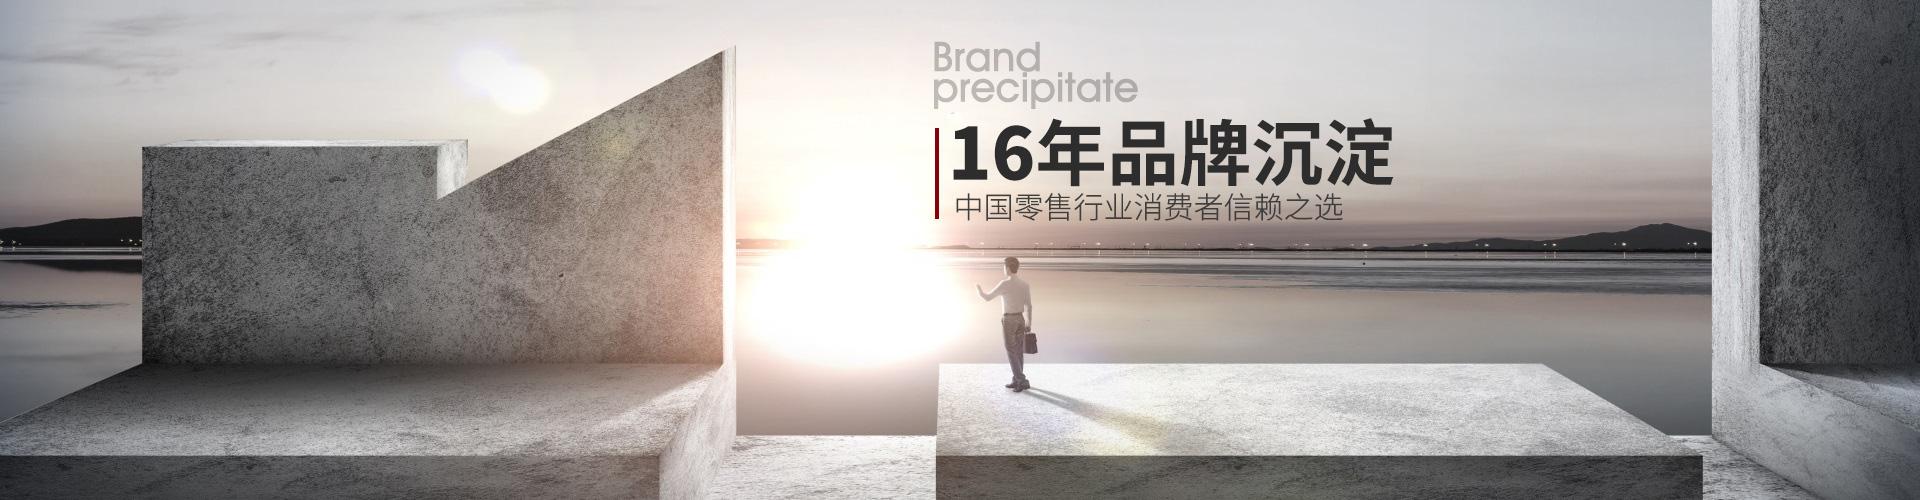 合家欢-15年品牌沉淀,中国零售行业消费者信赖之选